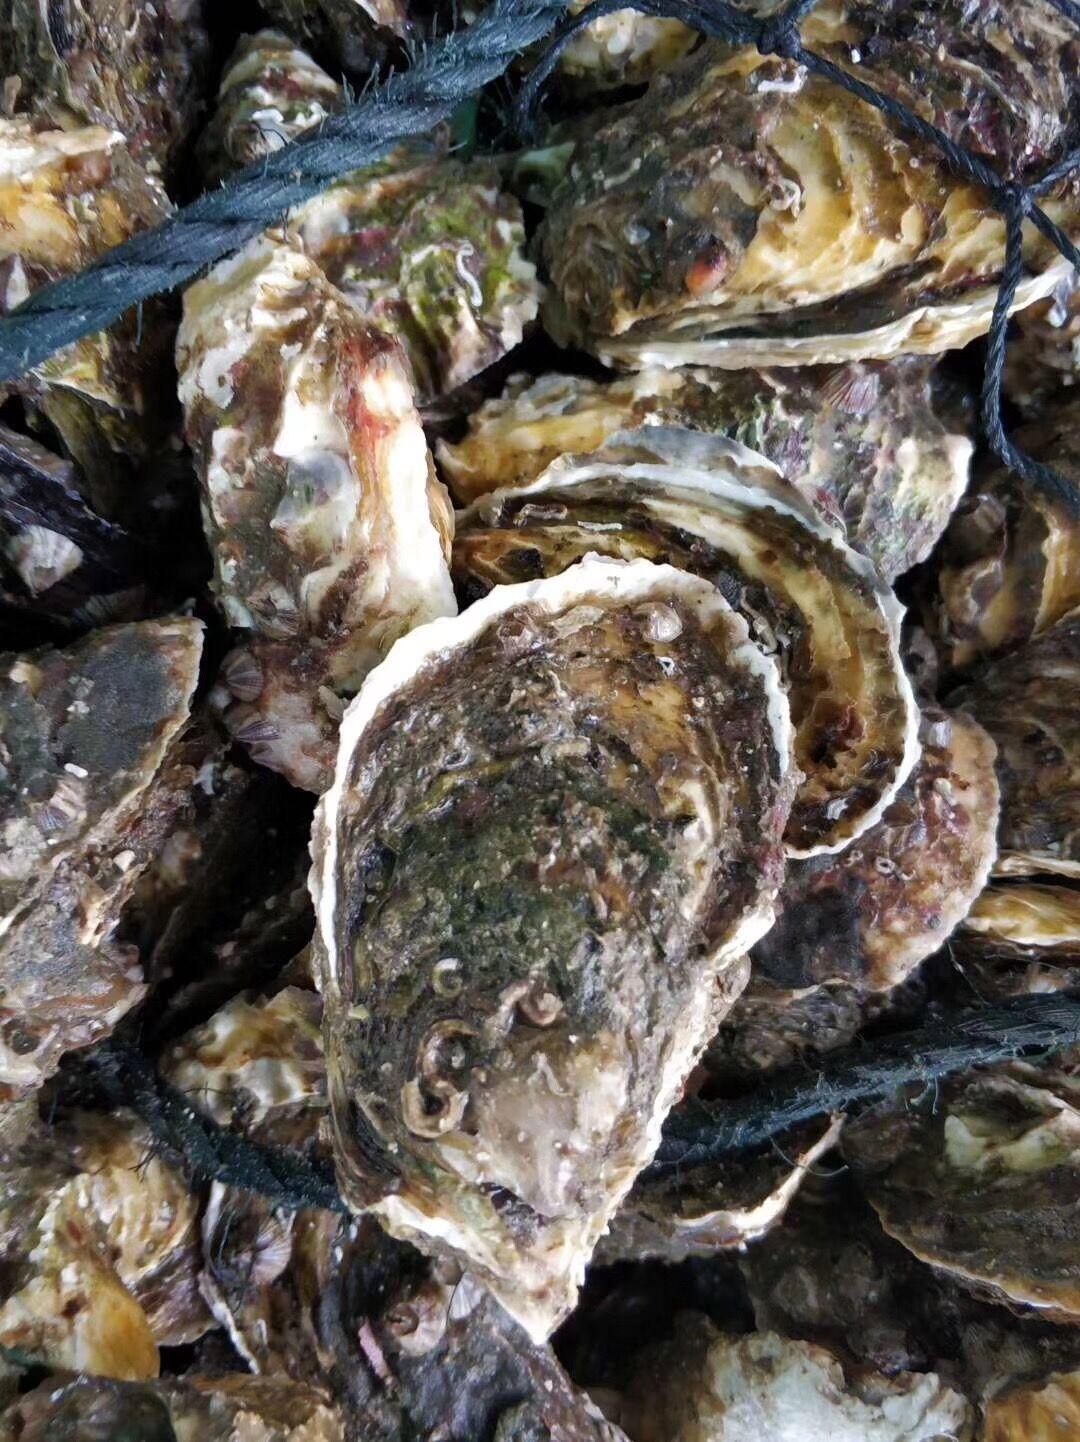 烧烤档生蚝带壳蚝活水产生蚝牡蛎半壳全壳烧烤海蛎子40个包邮广东